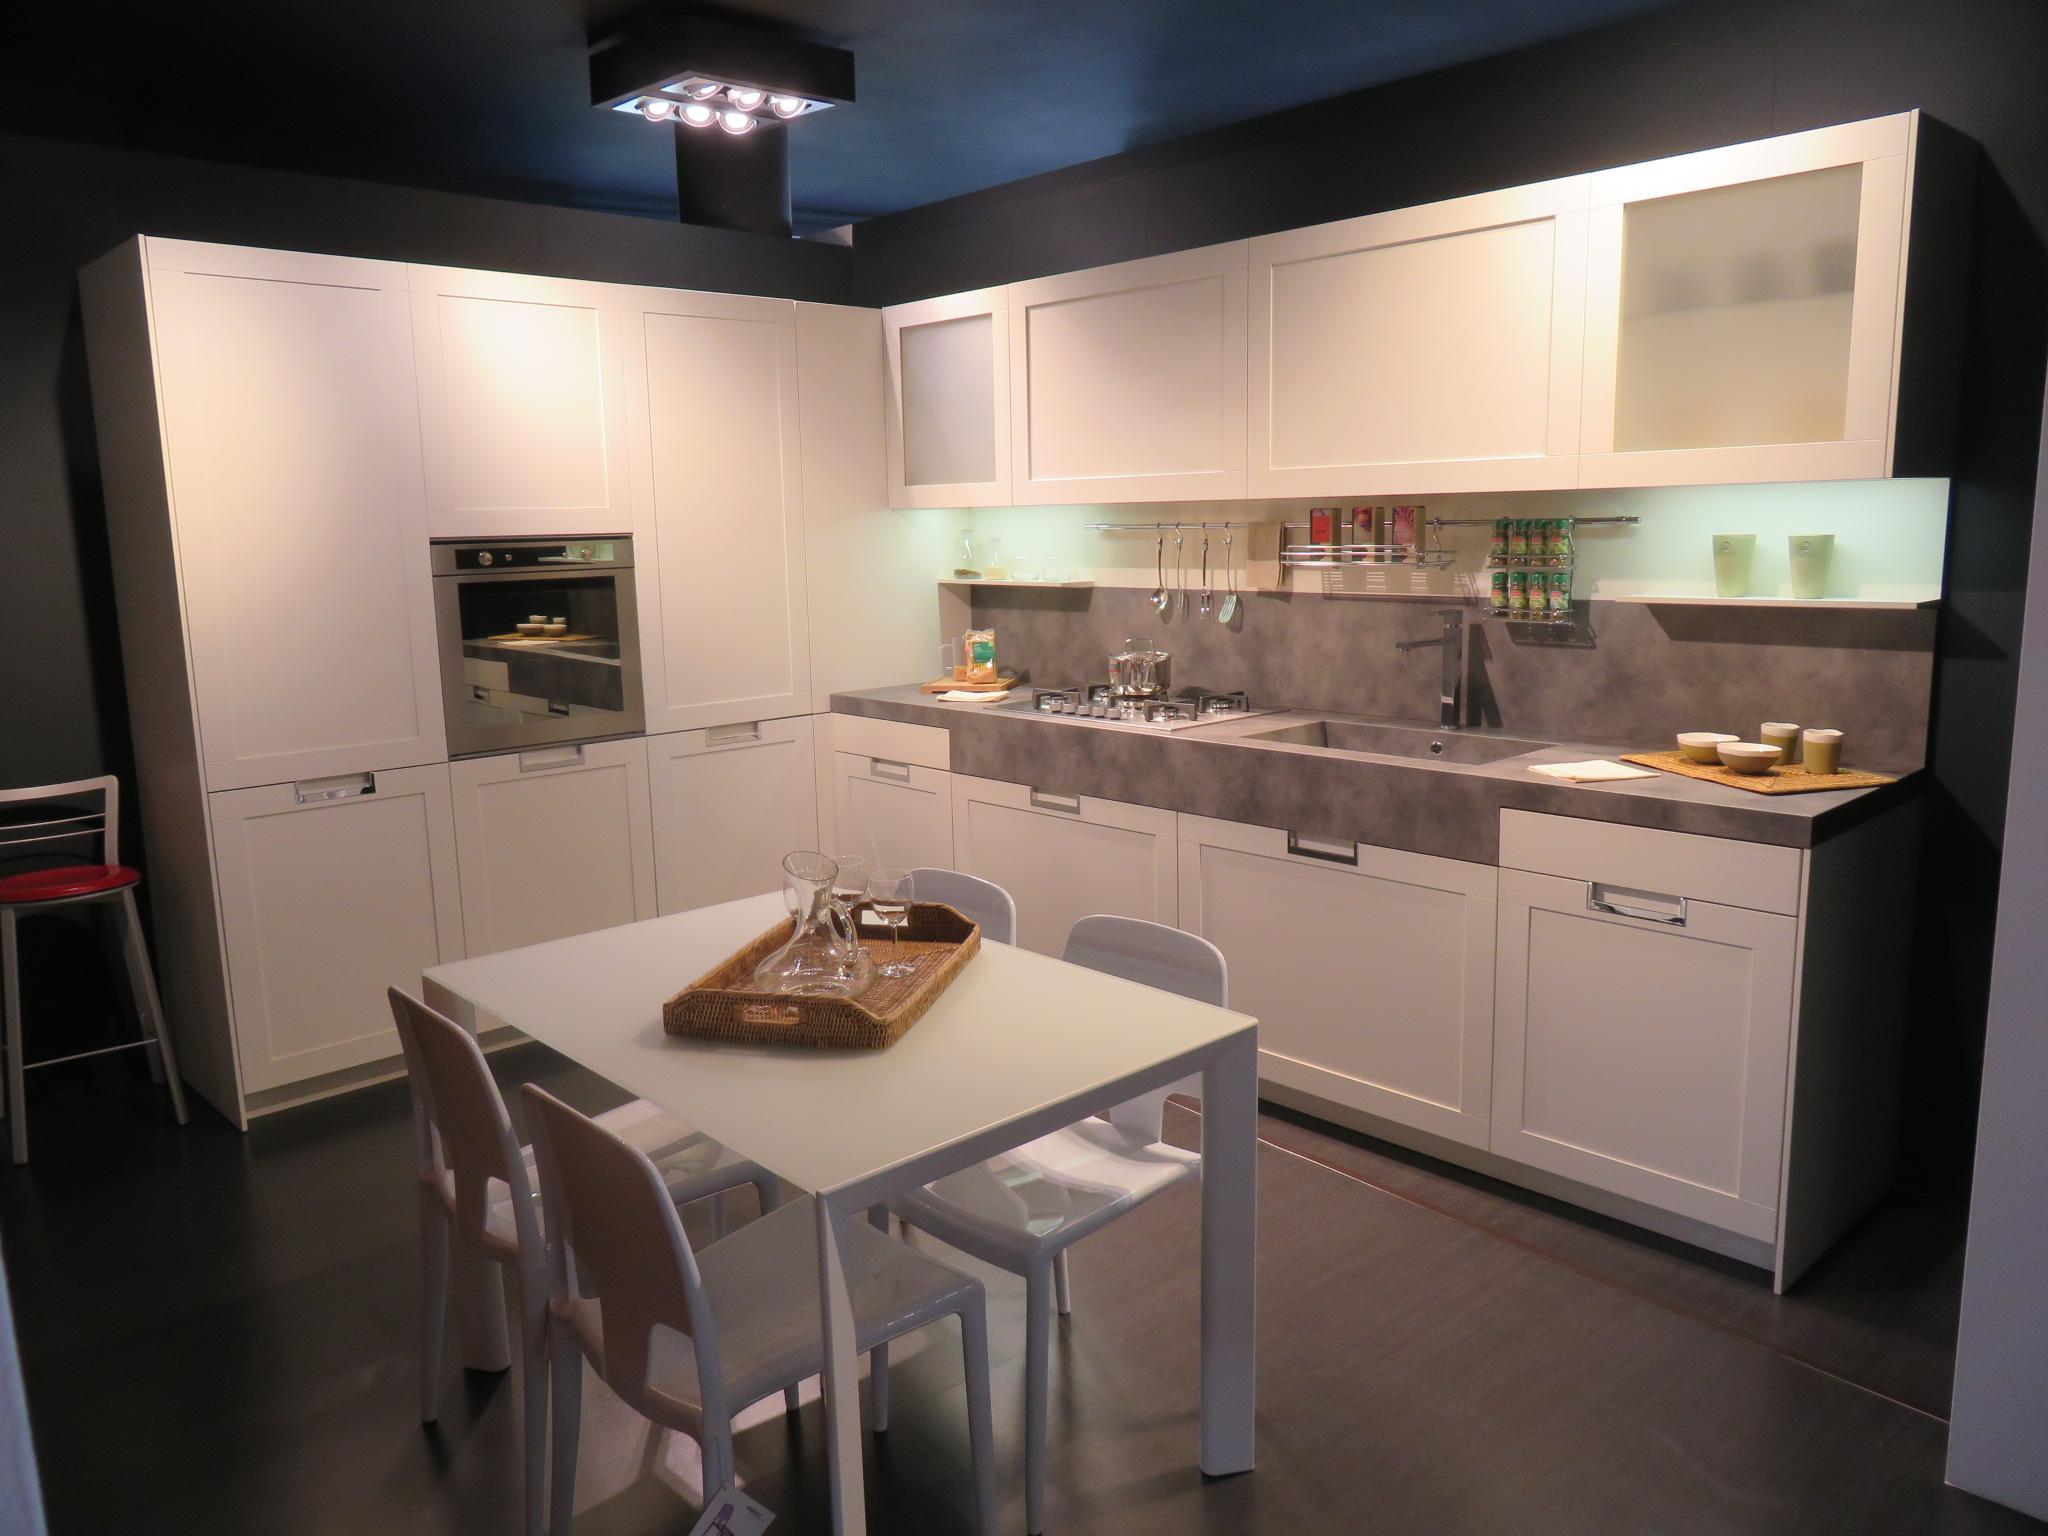 Arredamenti cucine camere letti e progettazione for Bonus arredamenti